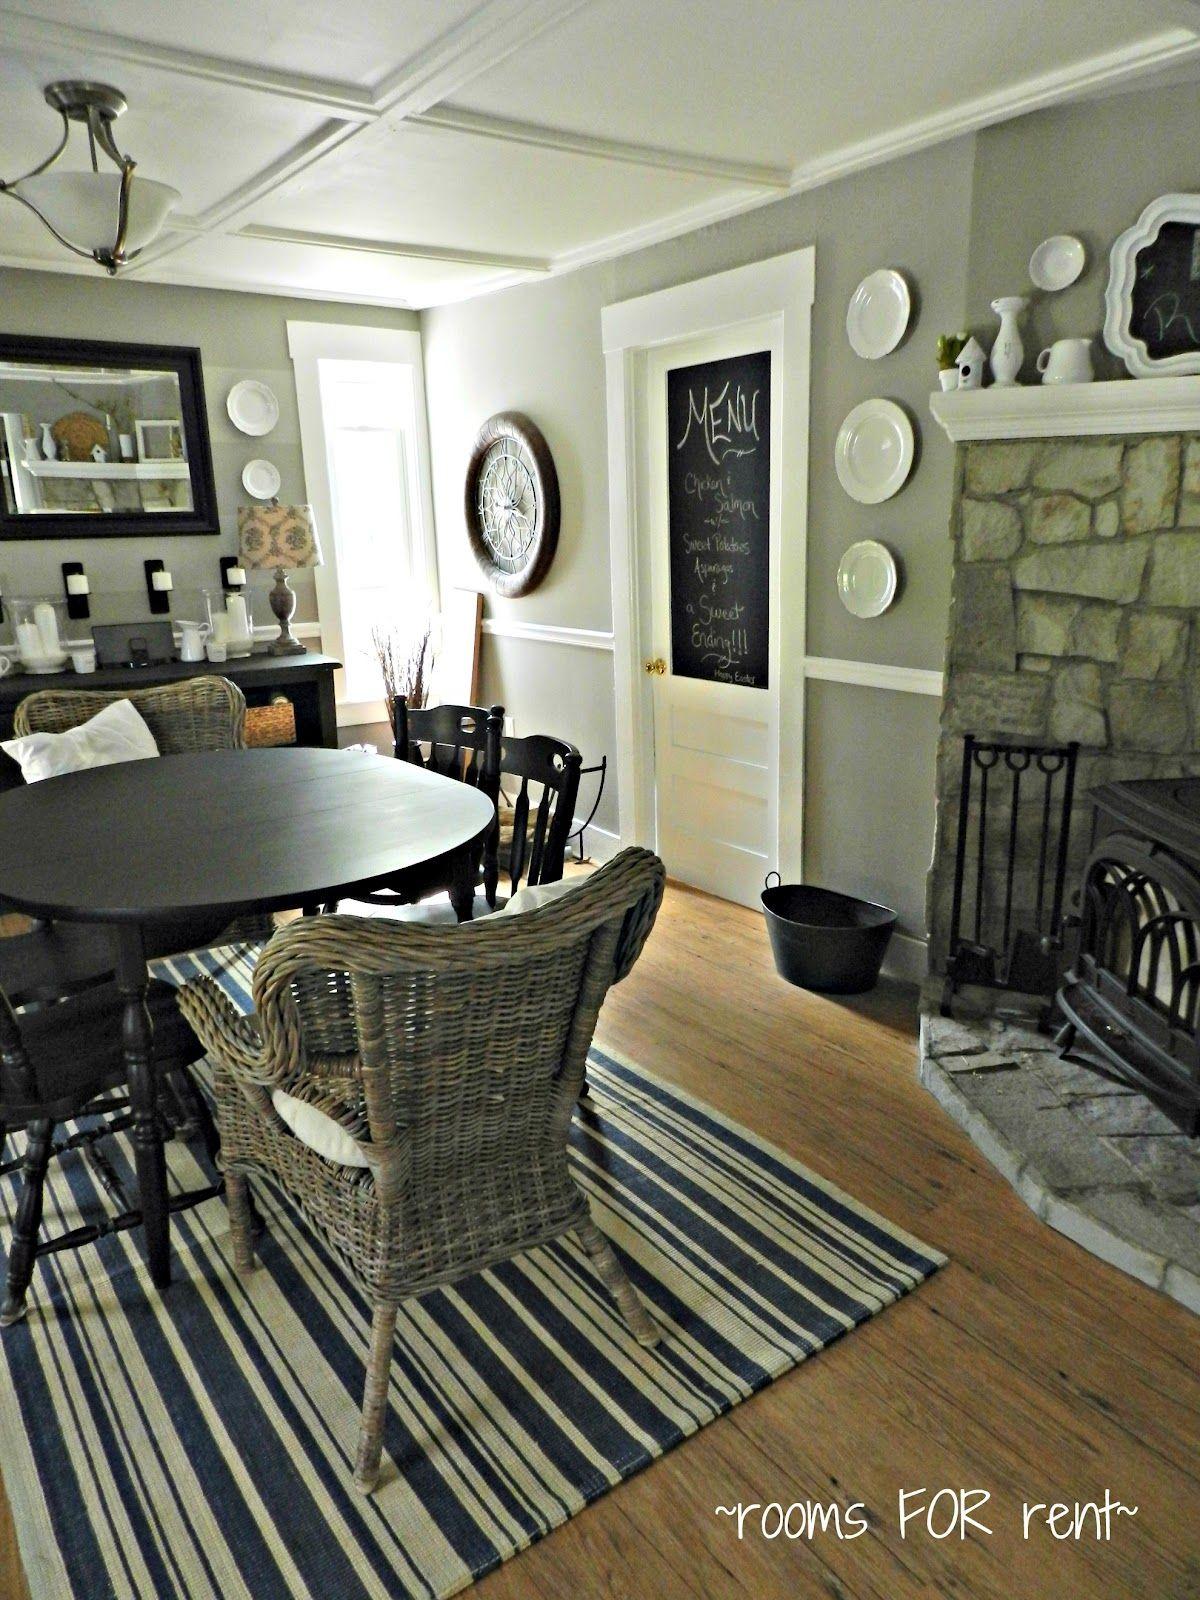 Room For Rent Design: Chalkboard Door, Simple Ceiling ~rooms FOR Rent Blog